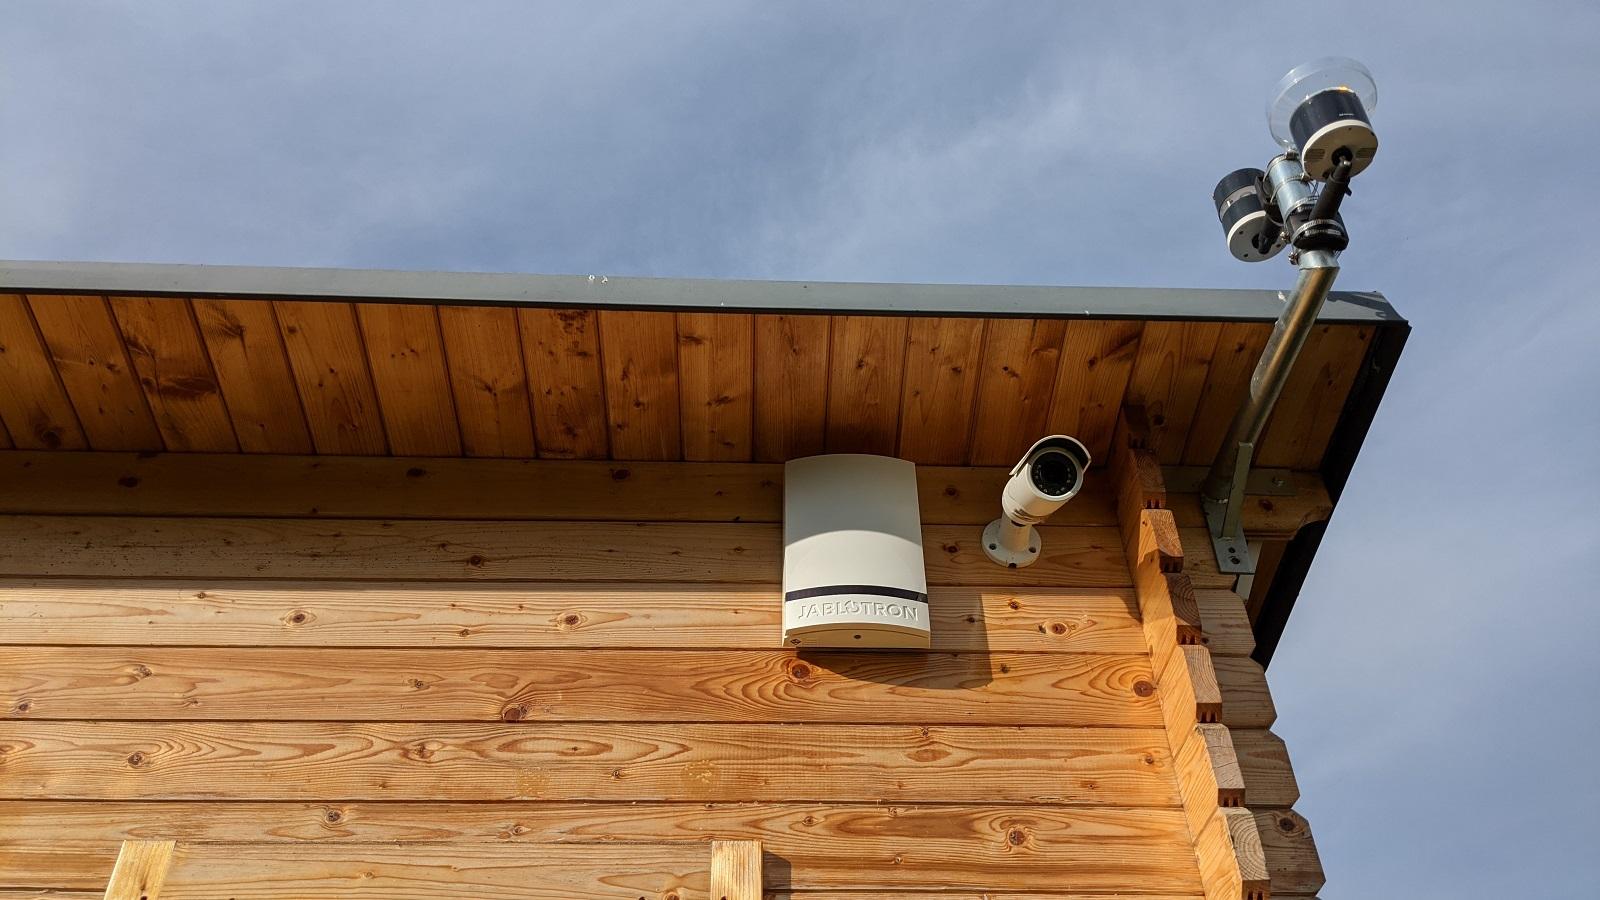 Venkovní siréna Jablotron vedle bezpečnostní kamery